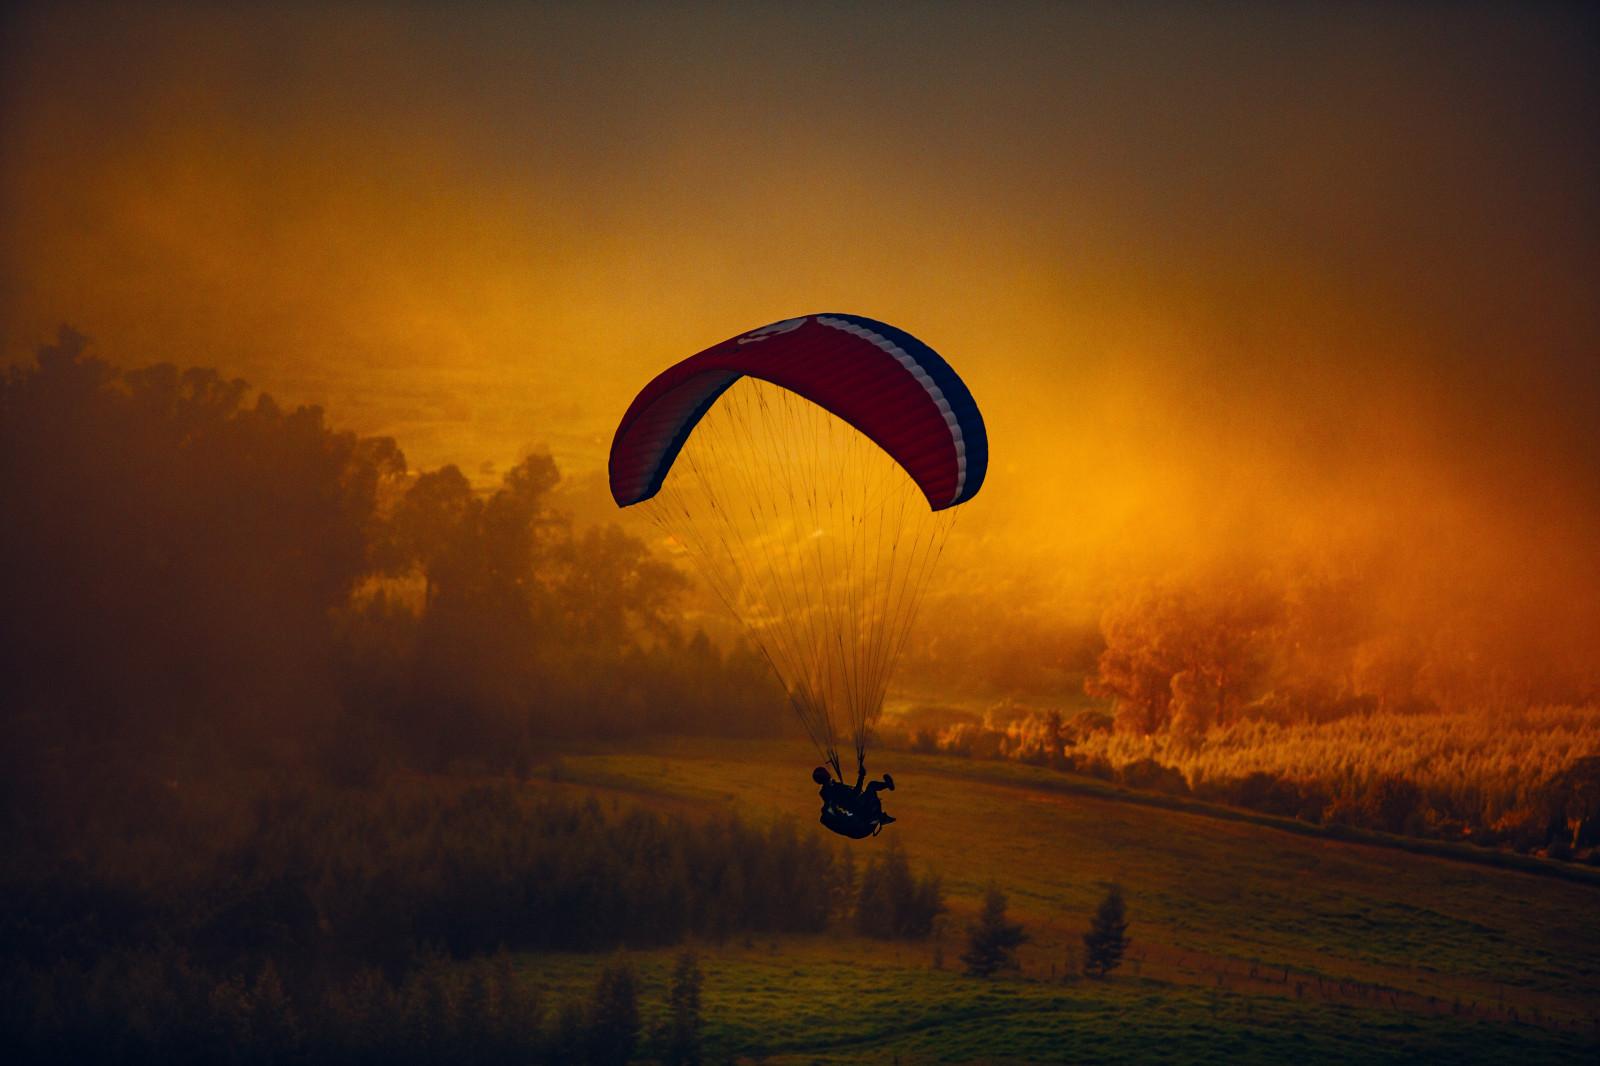 Детьми юмором, парашютные картинки на заставку